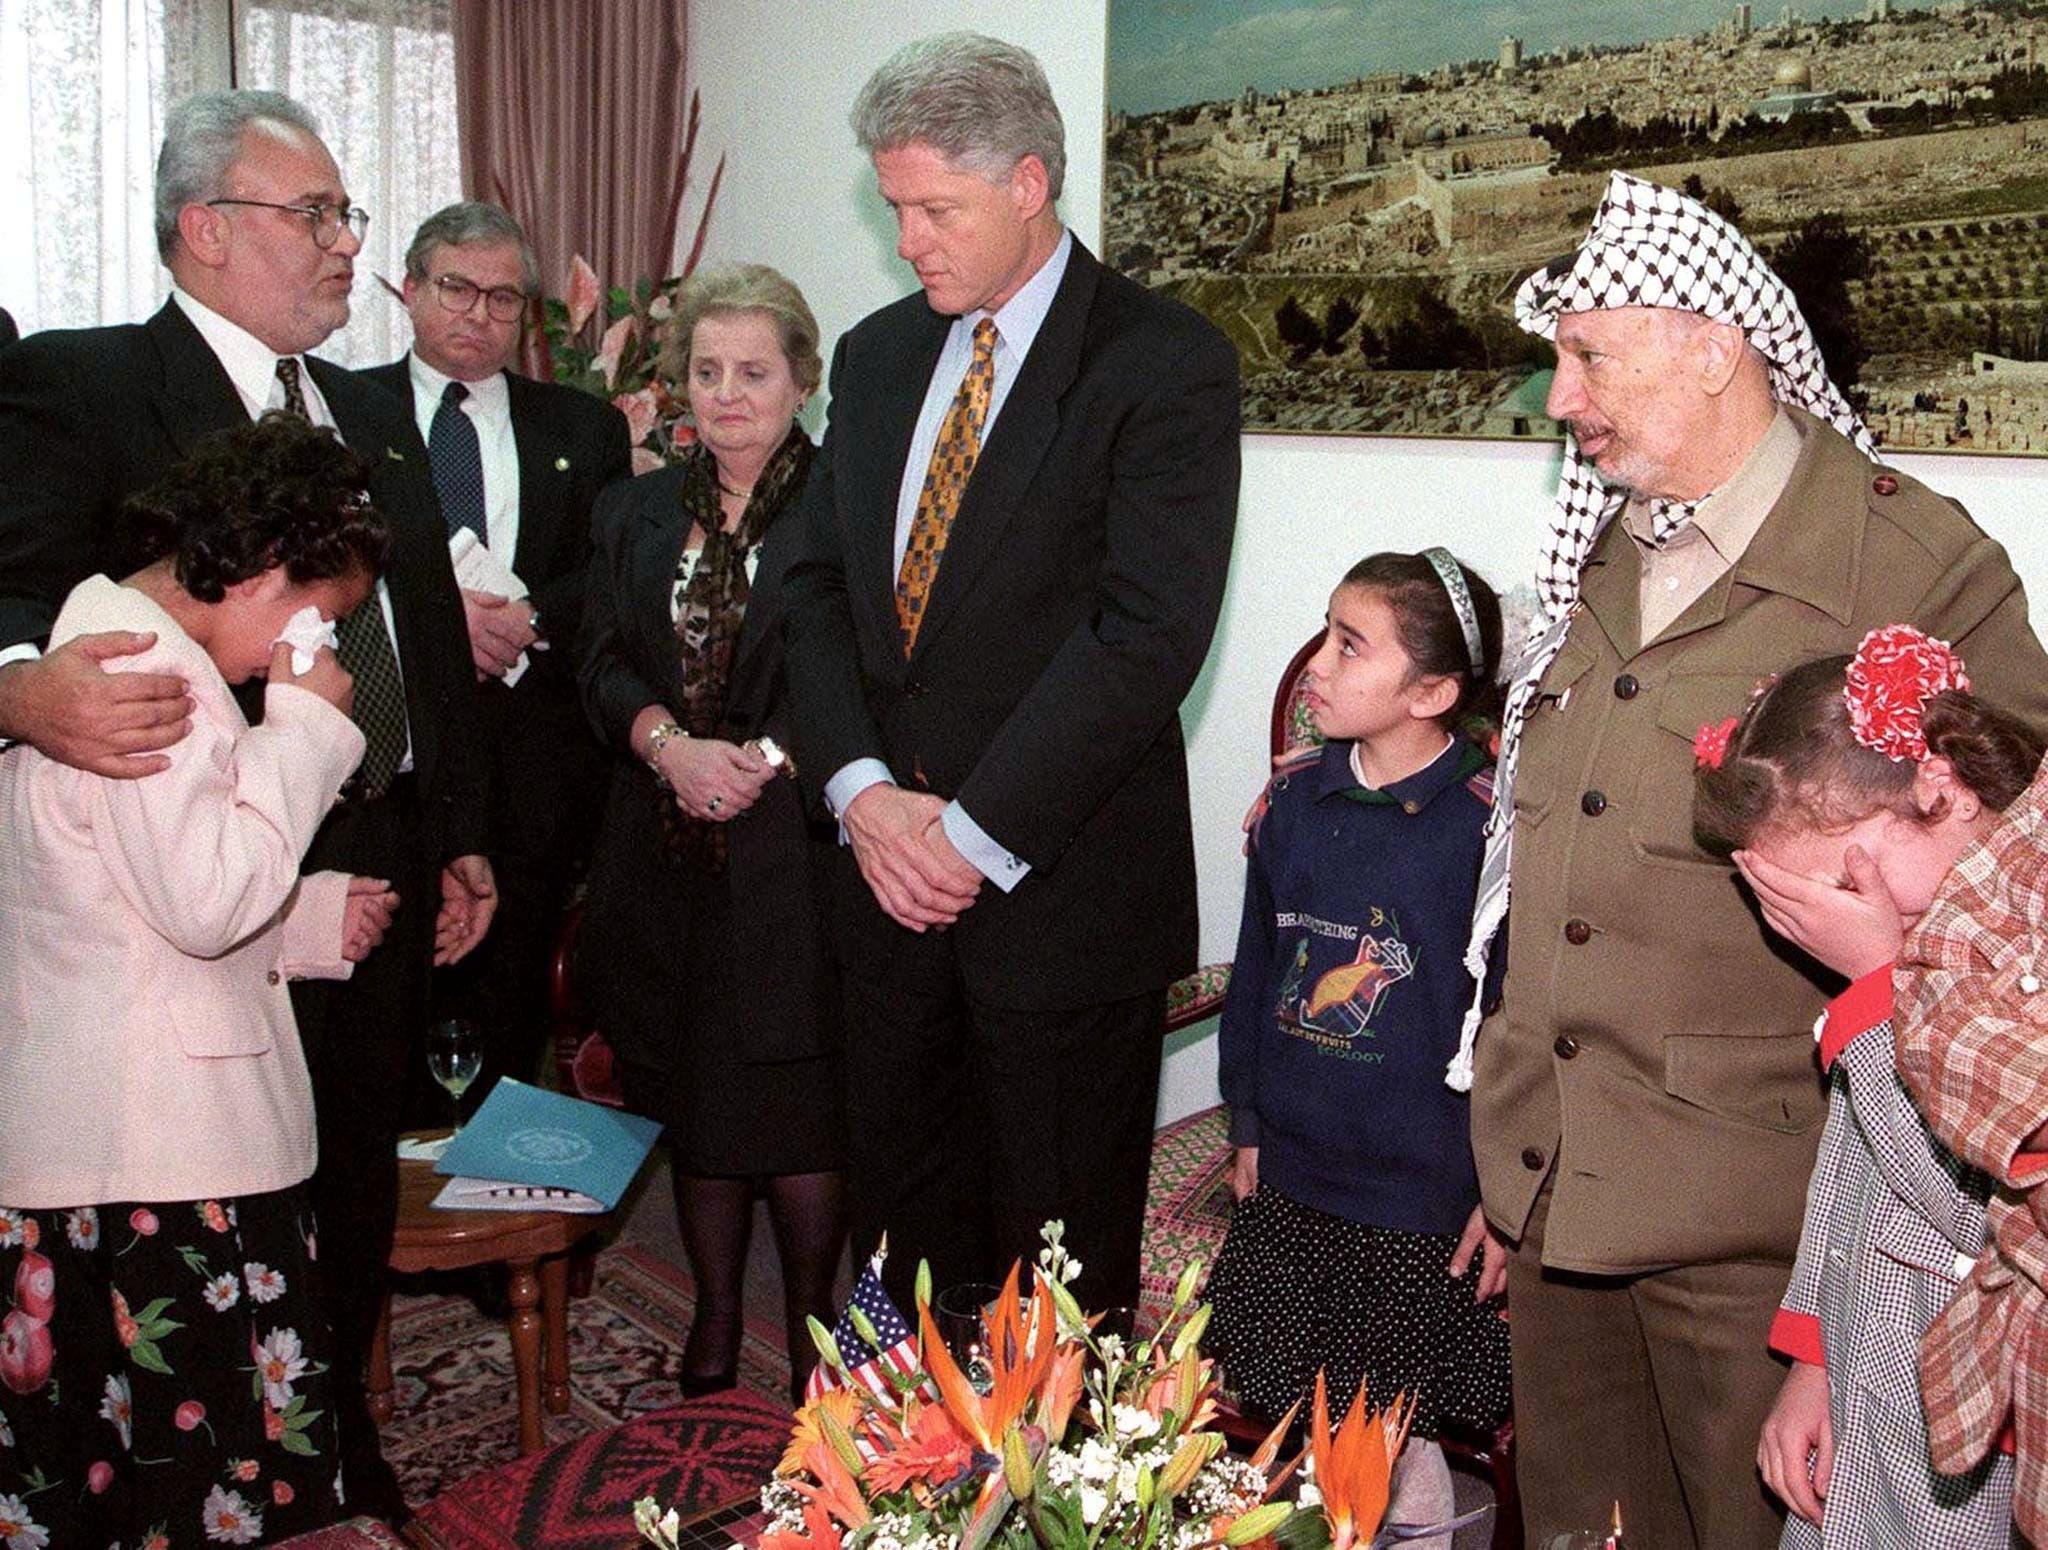 صورة لعريقات مع محمود عباس والرئيس الأميركي الأسبق بيل كلينتون ووزيرة الخارجية الأميركية السابقة مادلين اولبرايت